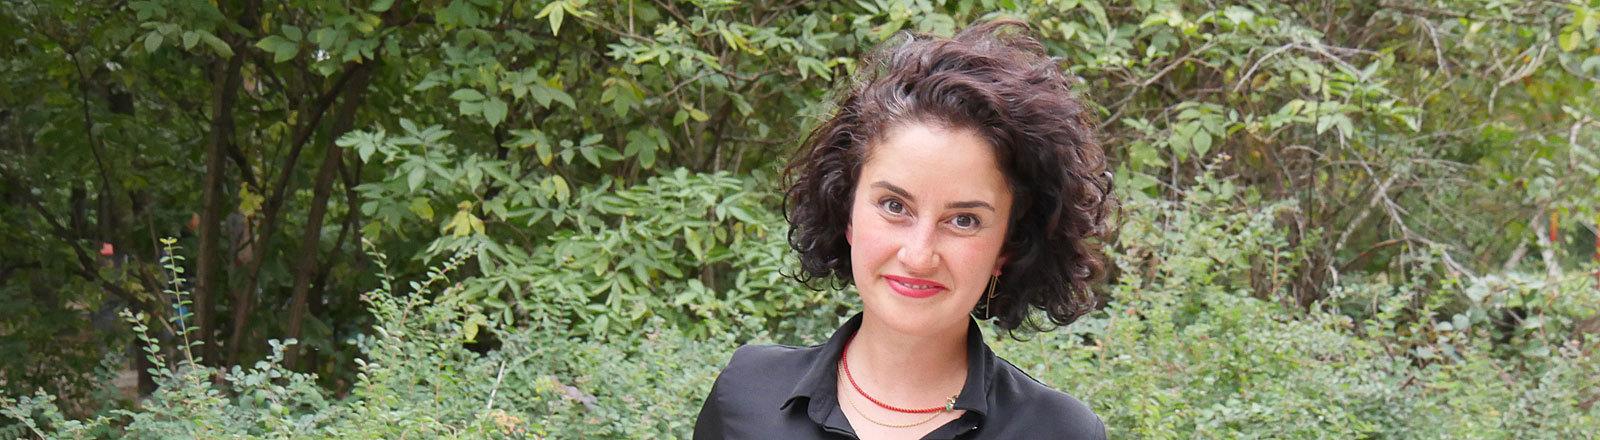 Armaghan Naghipour, Rechtsanwältin für Migrationsrecht und stellvertretende Vorsitzende von DeutschPlus